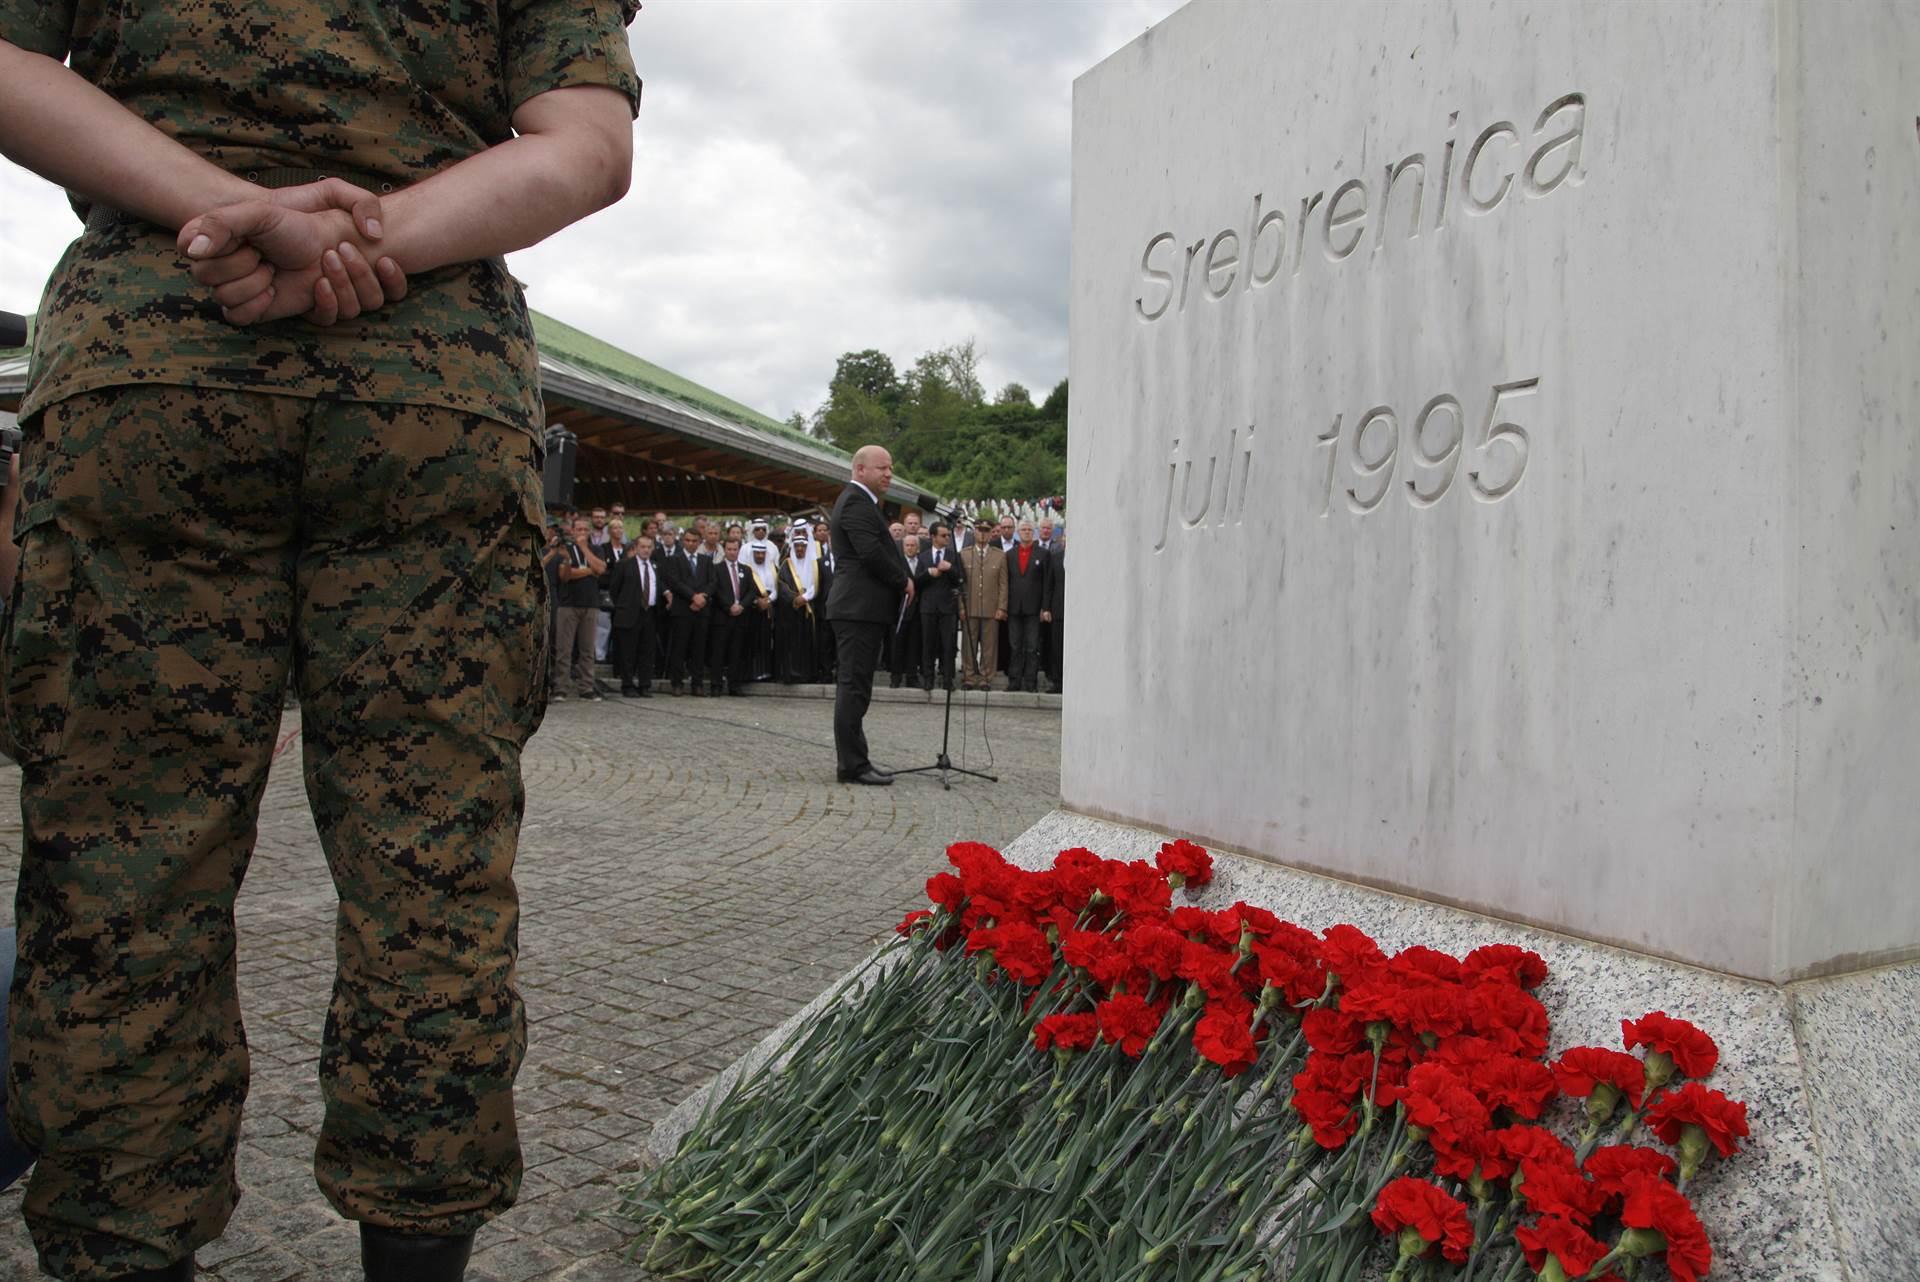 Srebrenica2014